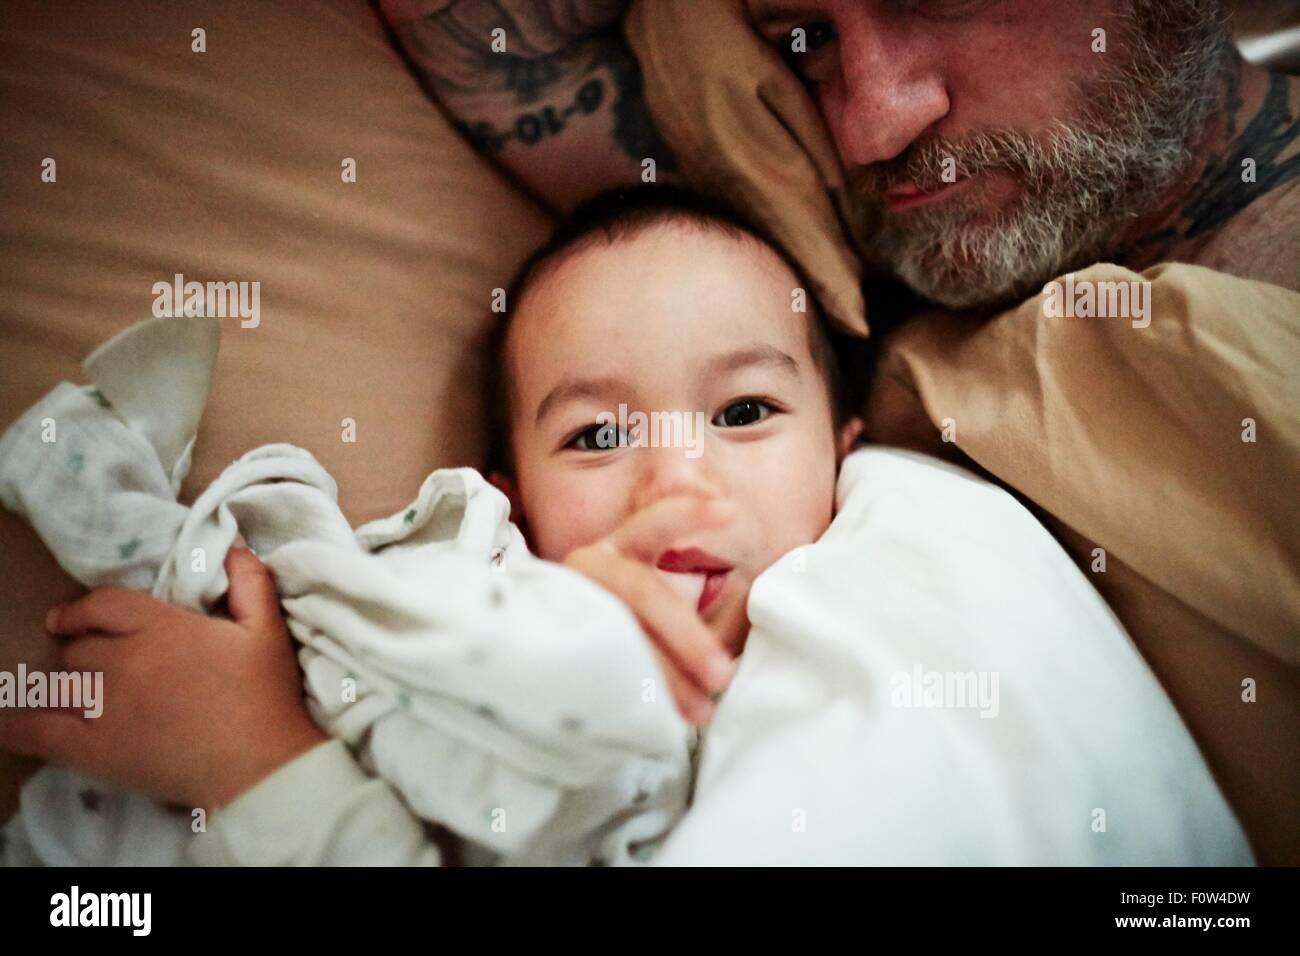 Padre e hijo acostado en la cama Imagen De Stock